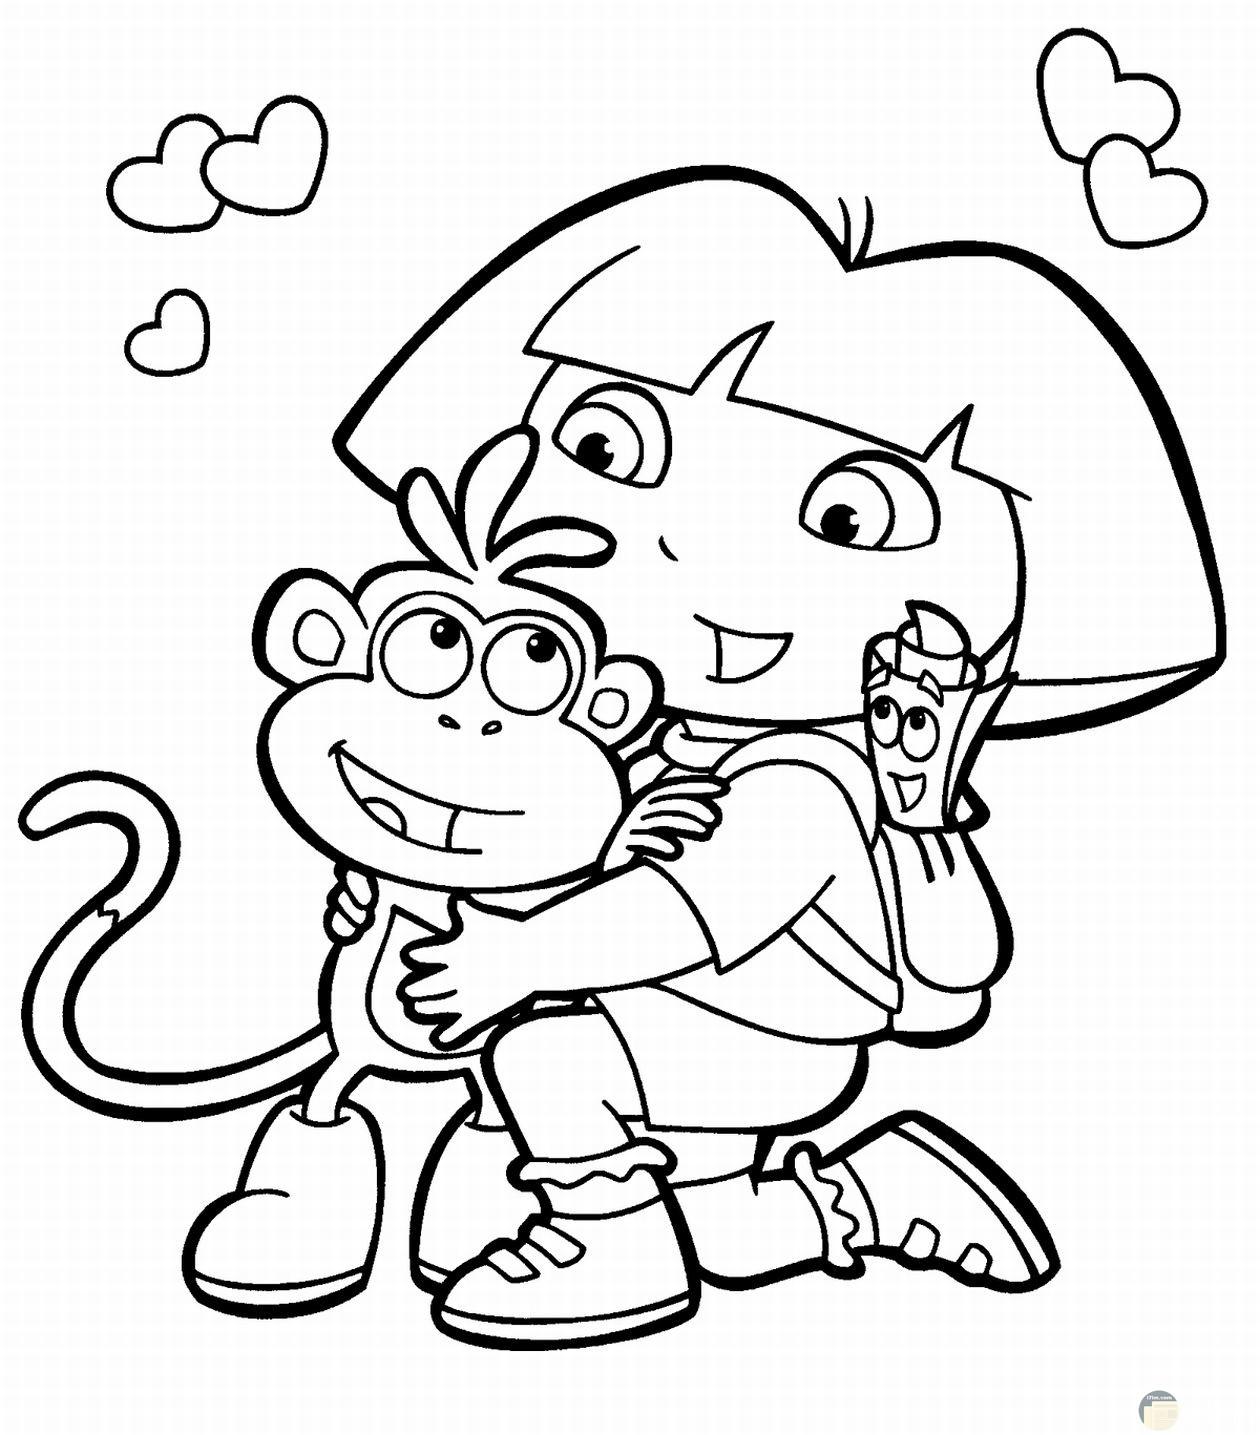 دورا و القرد.